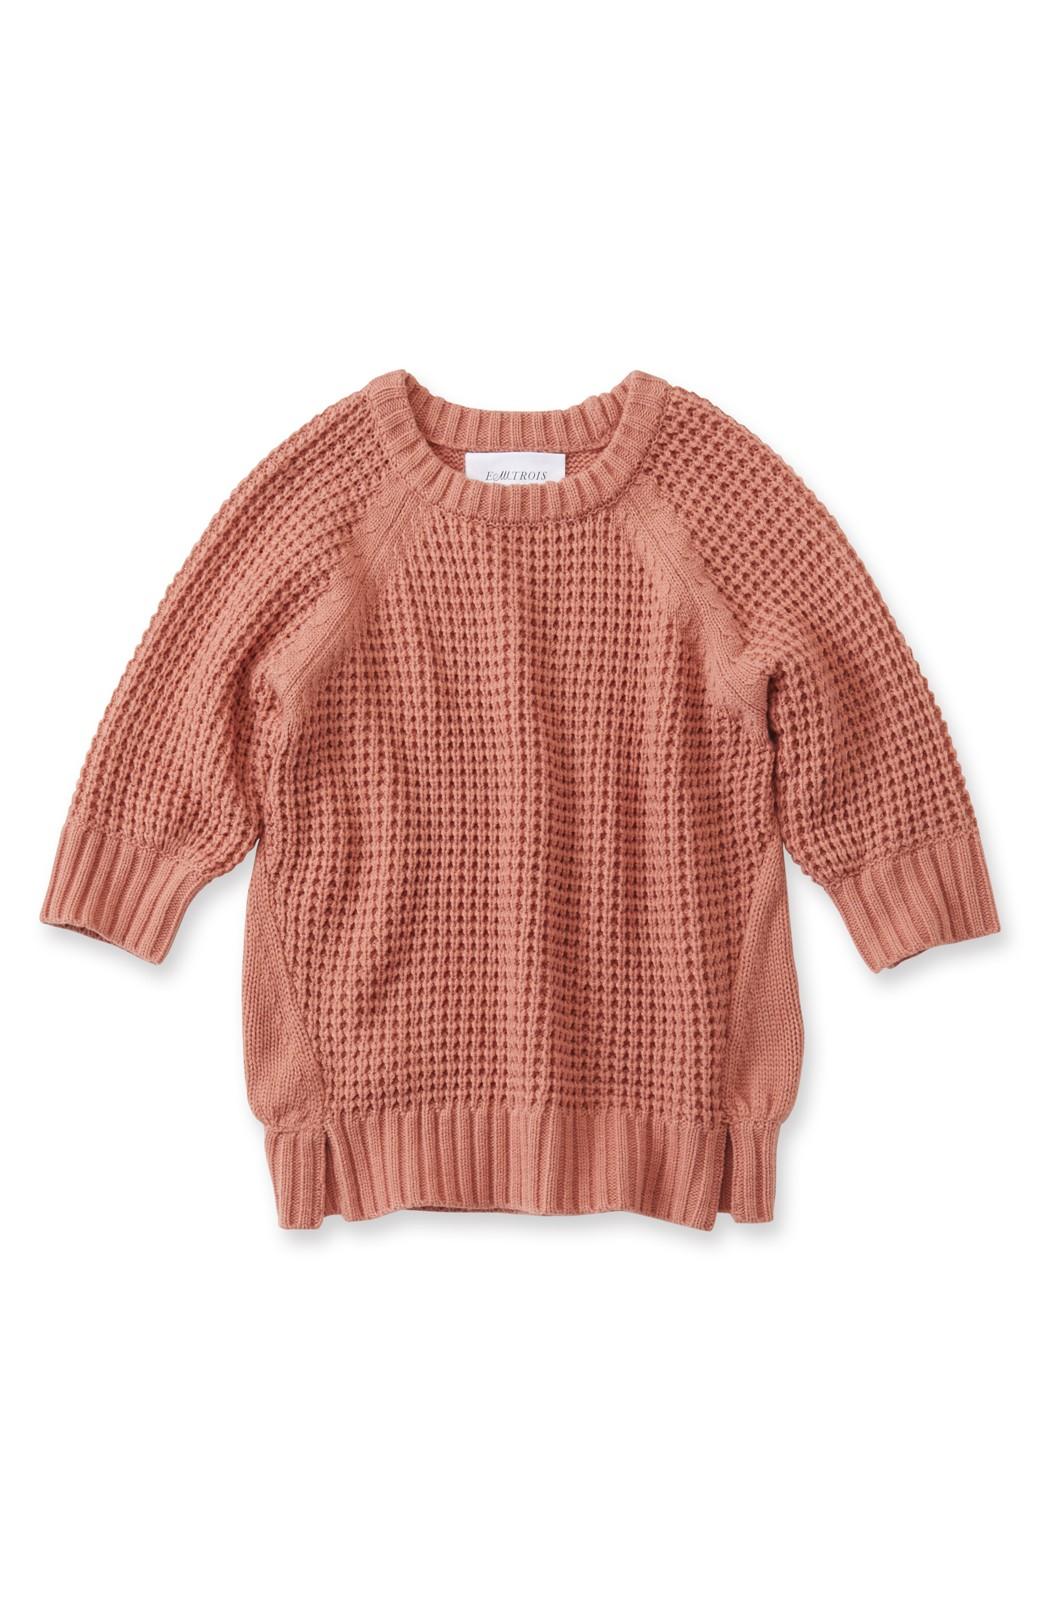 エムトロワ ワッフル編みがかわいいレディーニット<ピンク